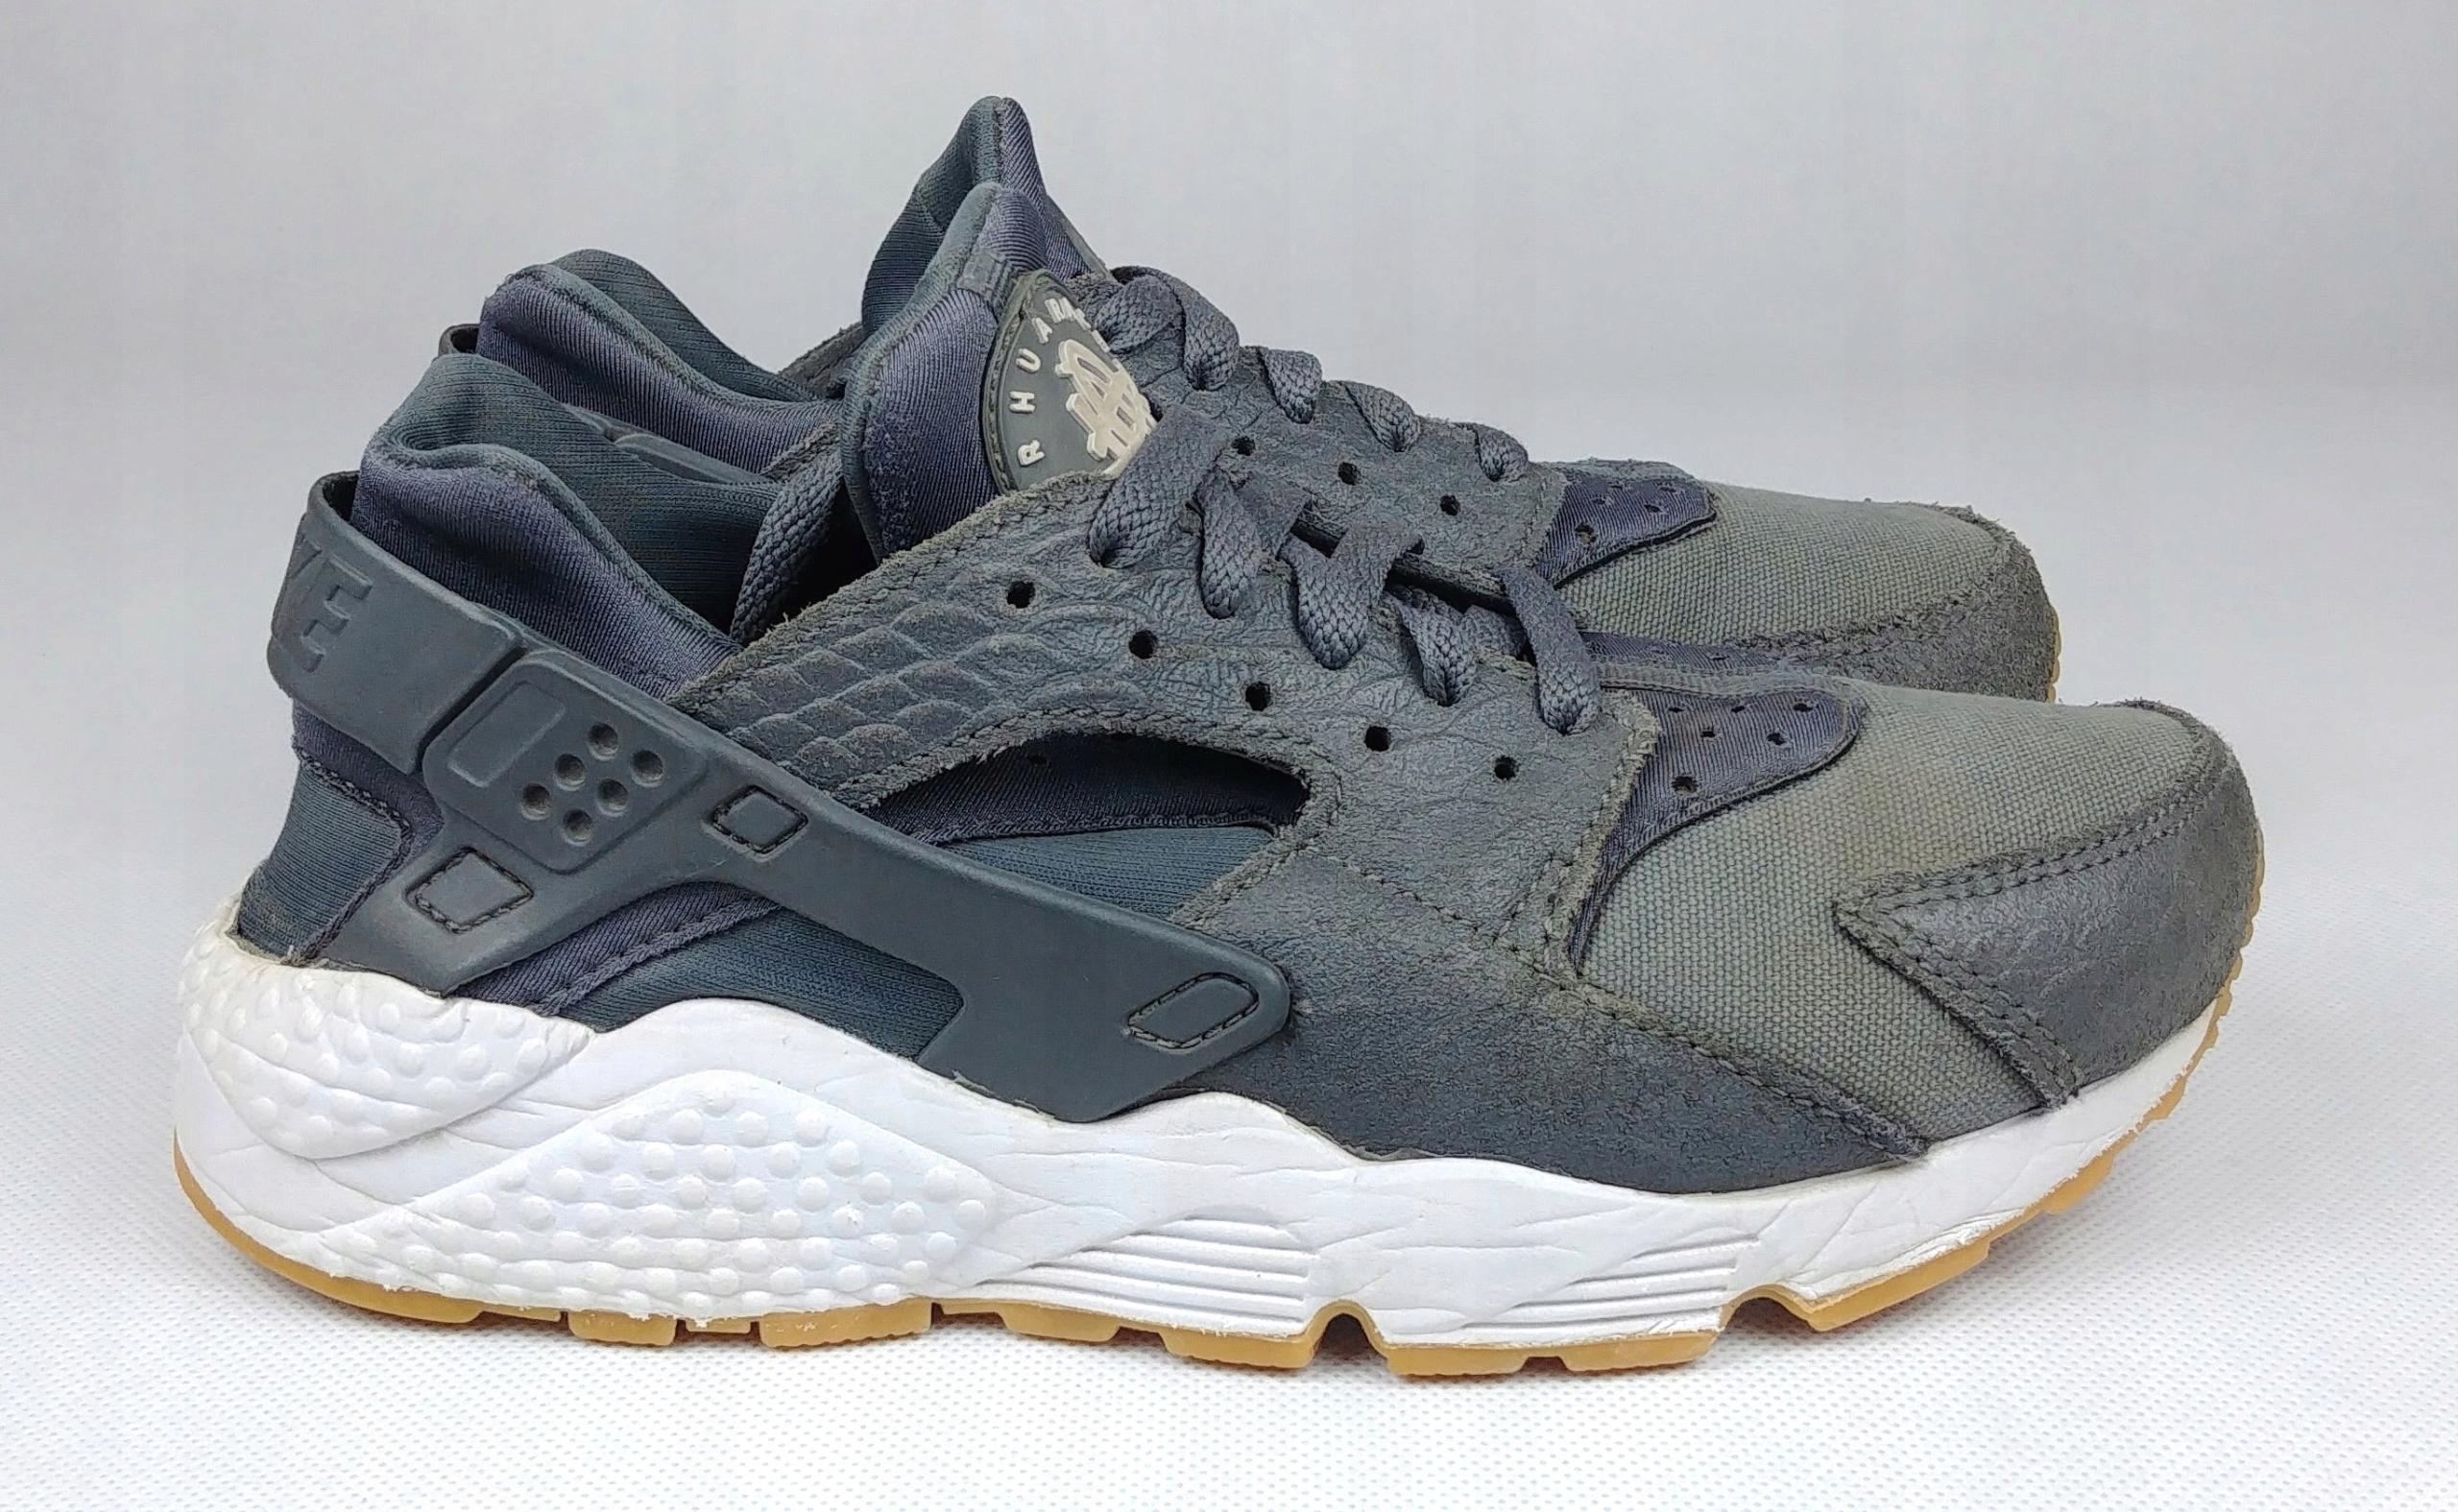 1094c0b29ddaff Sportowe Nike 37 Huarache 5 Buty Damskie R 7447483931 Air 7qHwIr7